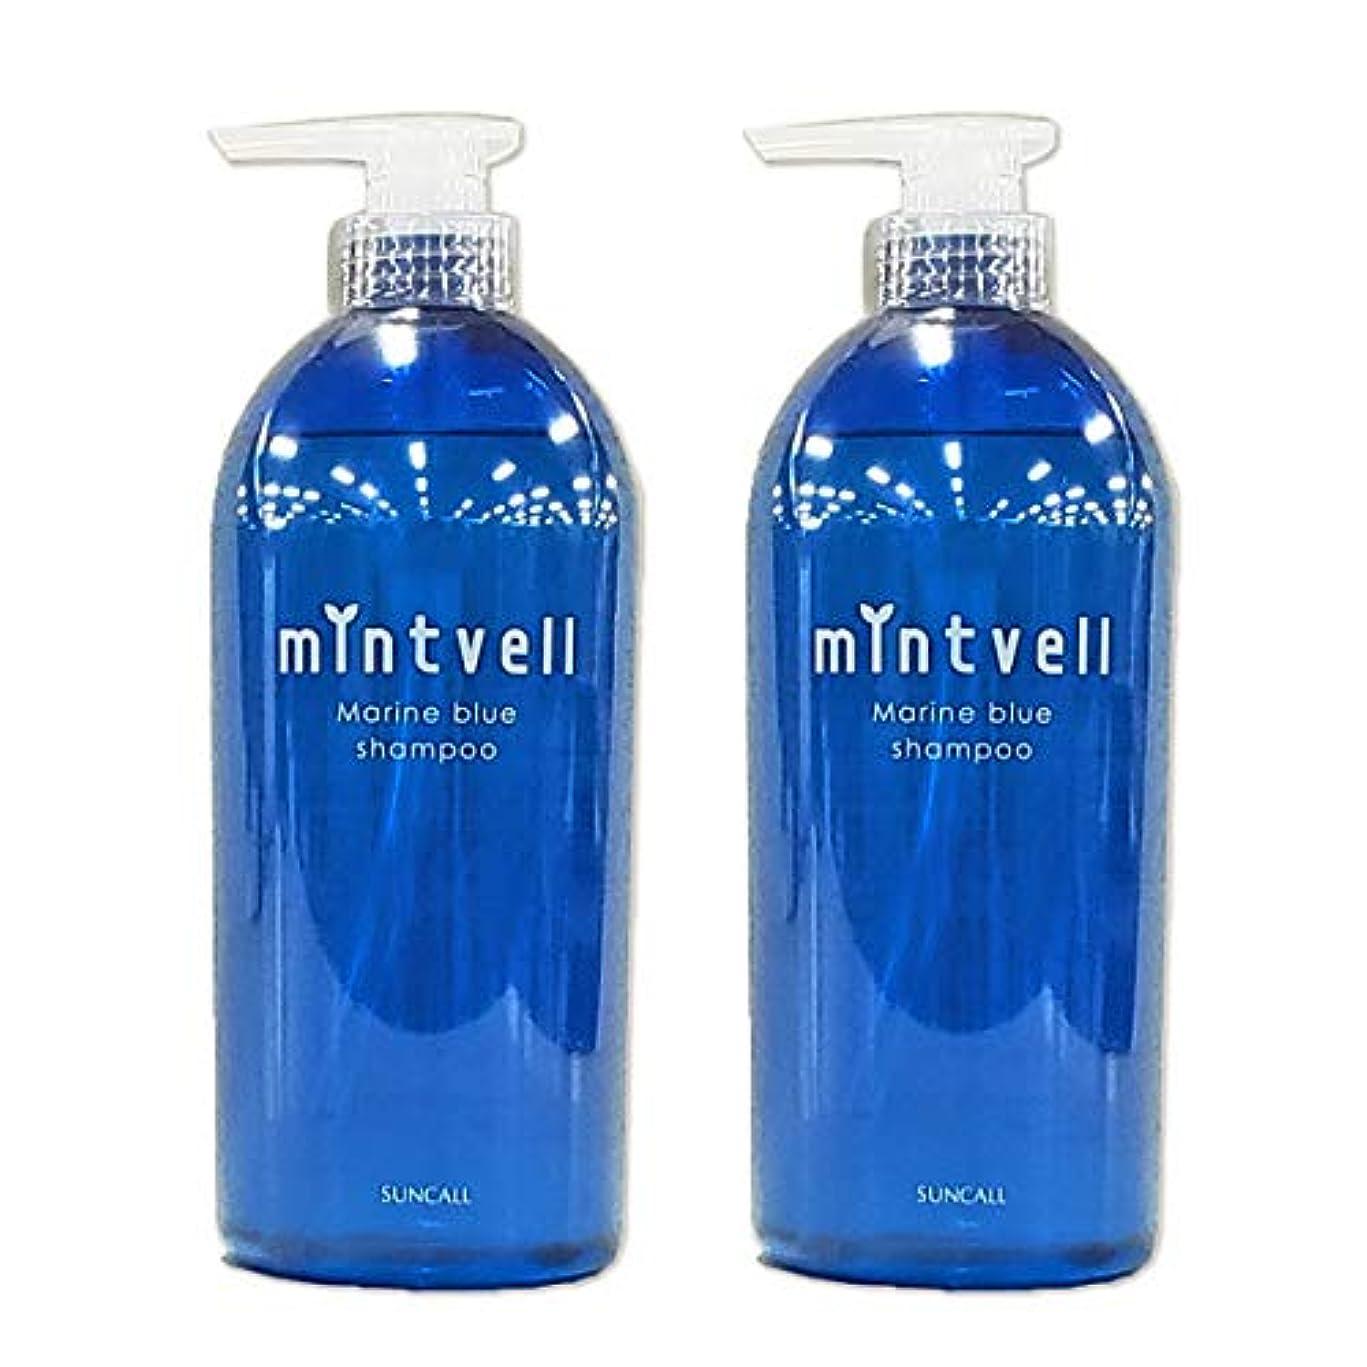 衣装自分の力ですべてをするナラーバーサンコール ミントベル マリンブルー シャンプー <675mL×2個セット> SUNCALL mintvell メントール